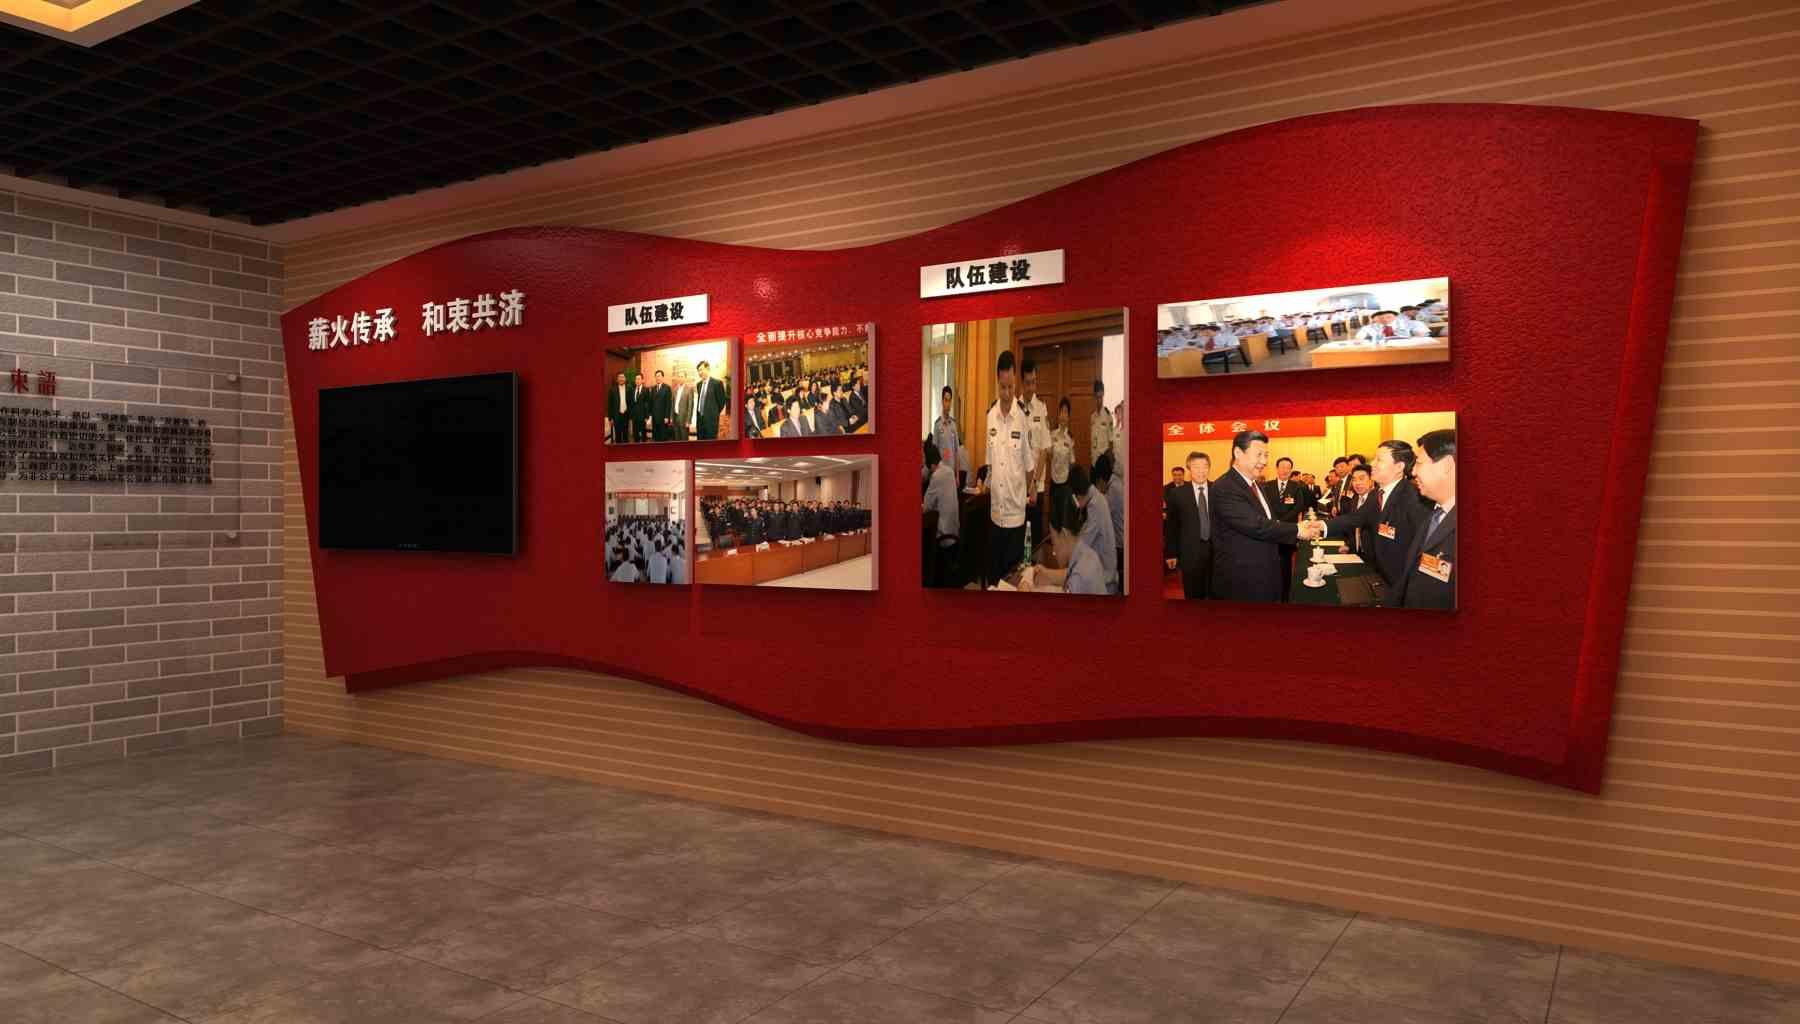 武汉展艺广告有限公司竭诚提供武汉校园文化建设,尊享展艺广告优